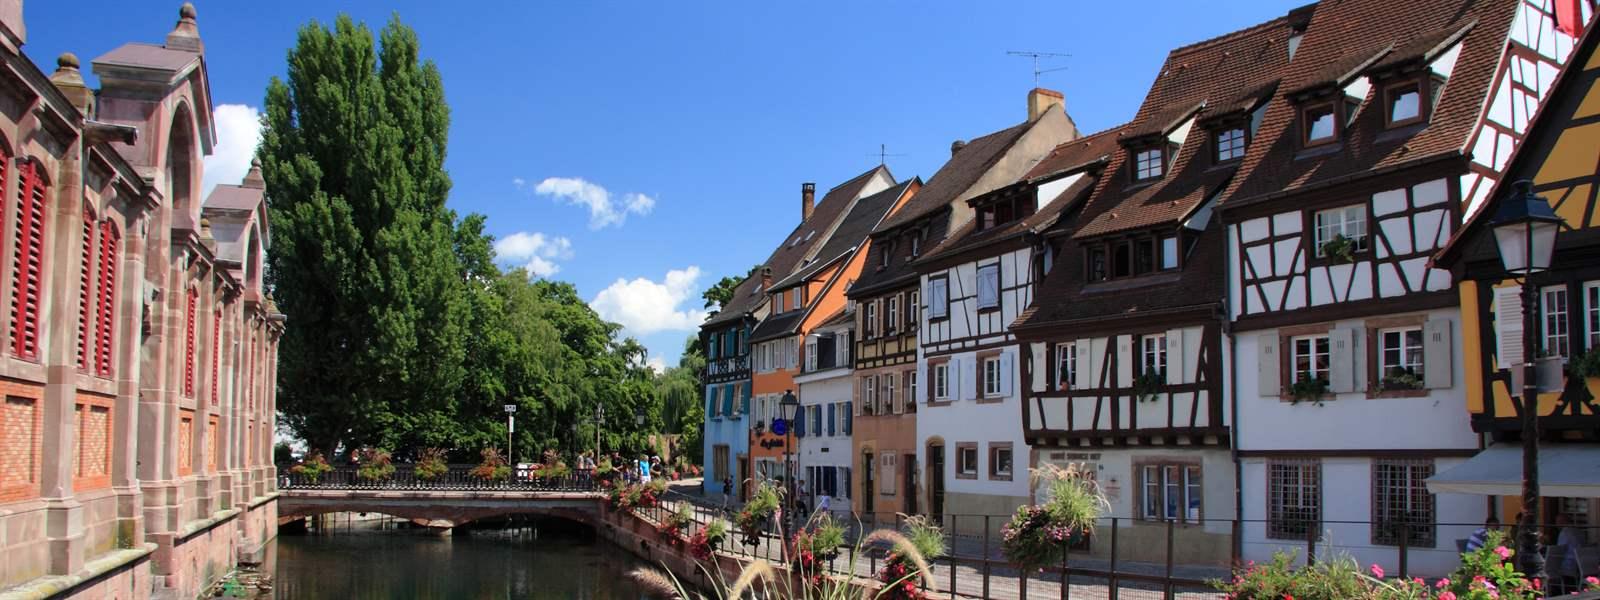 Unterwegs in der Altstadt von Colmar